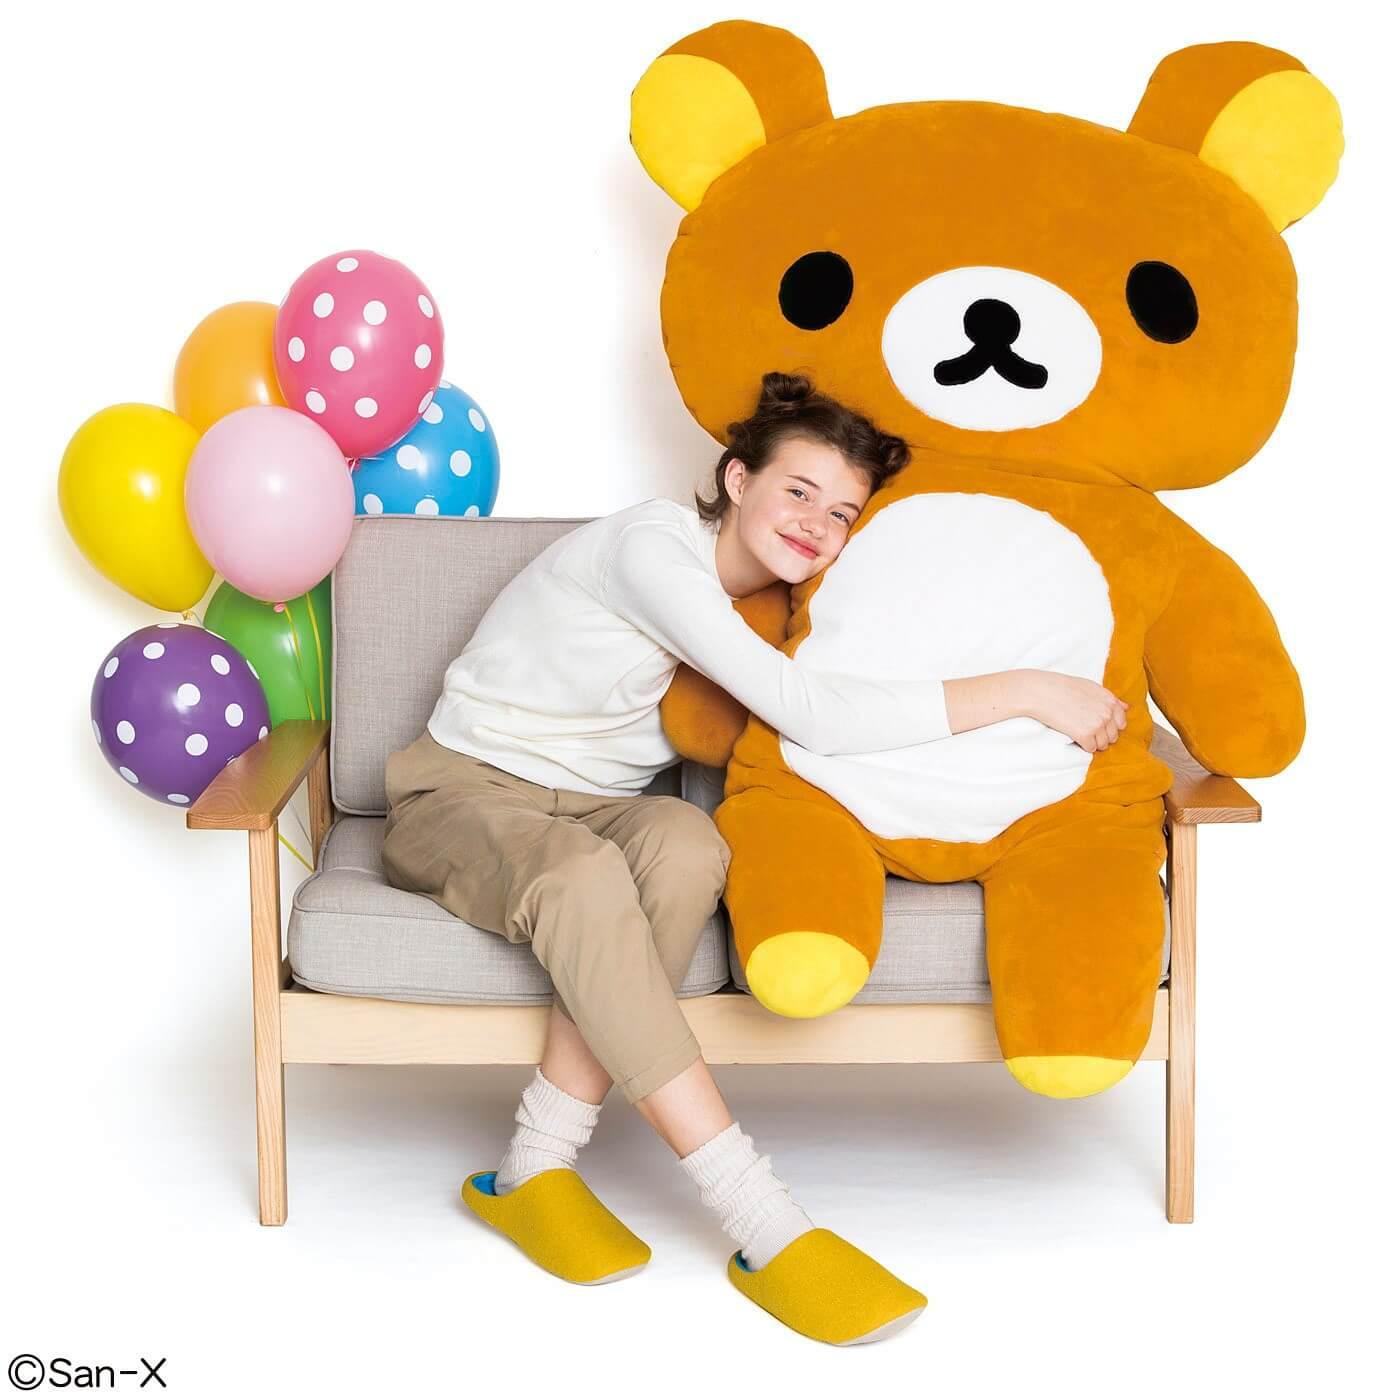 真人大小的懶懶熊!FELISSIMO和懶懶熊的合作雜貨新商品